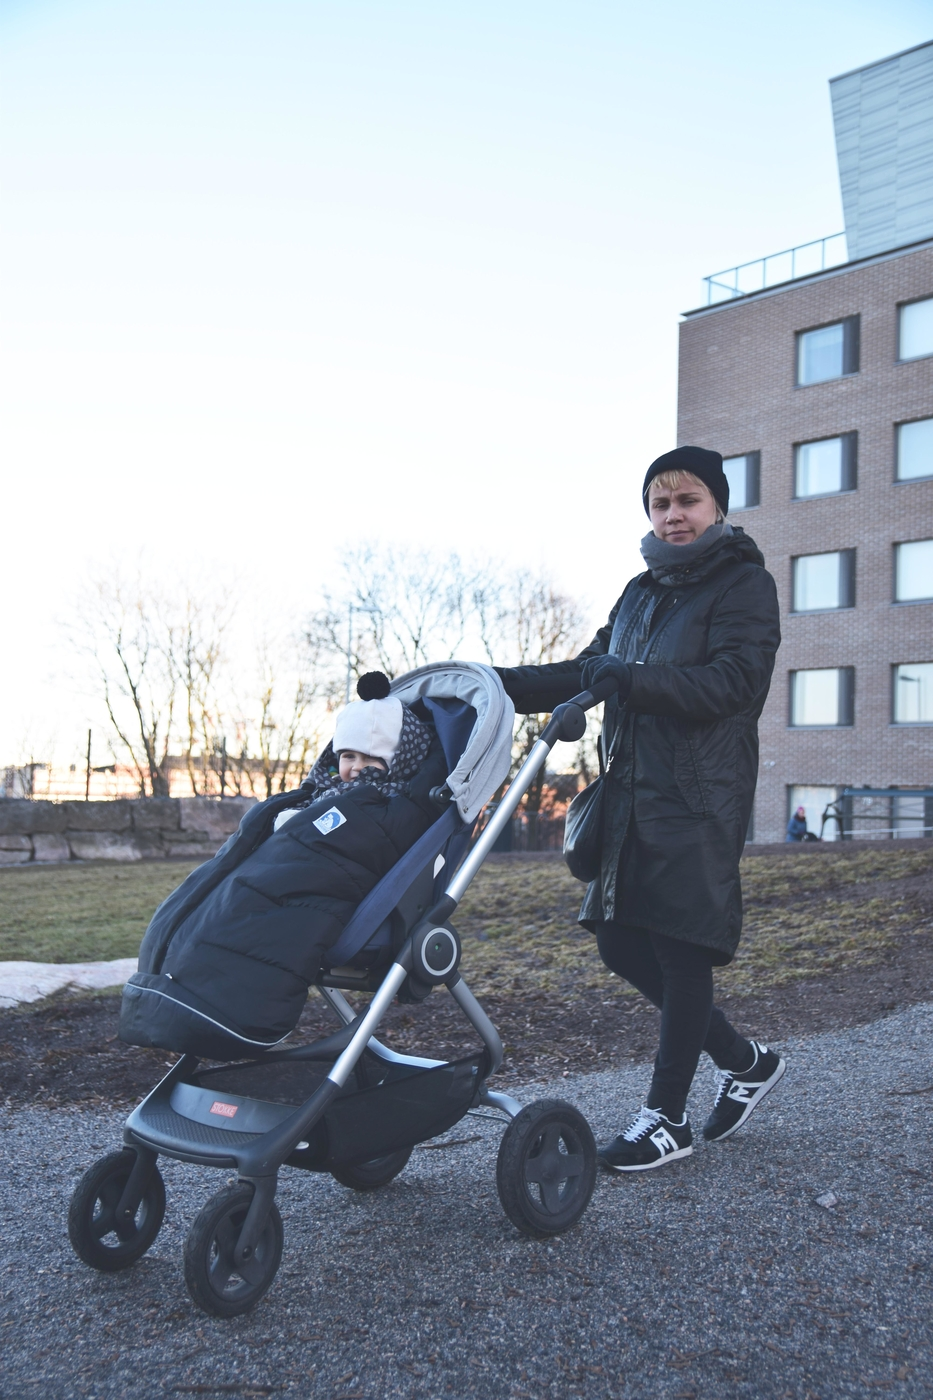 Lapso istuskelee korkealla: Stokke Scoot kaupunkirattaat